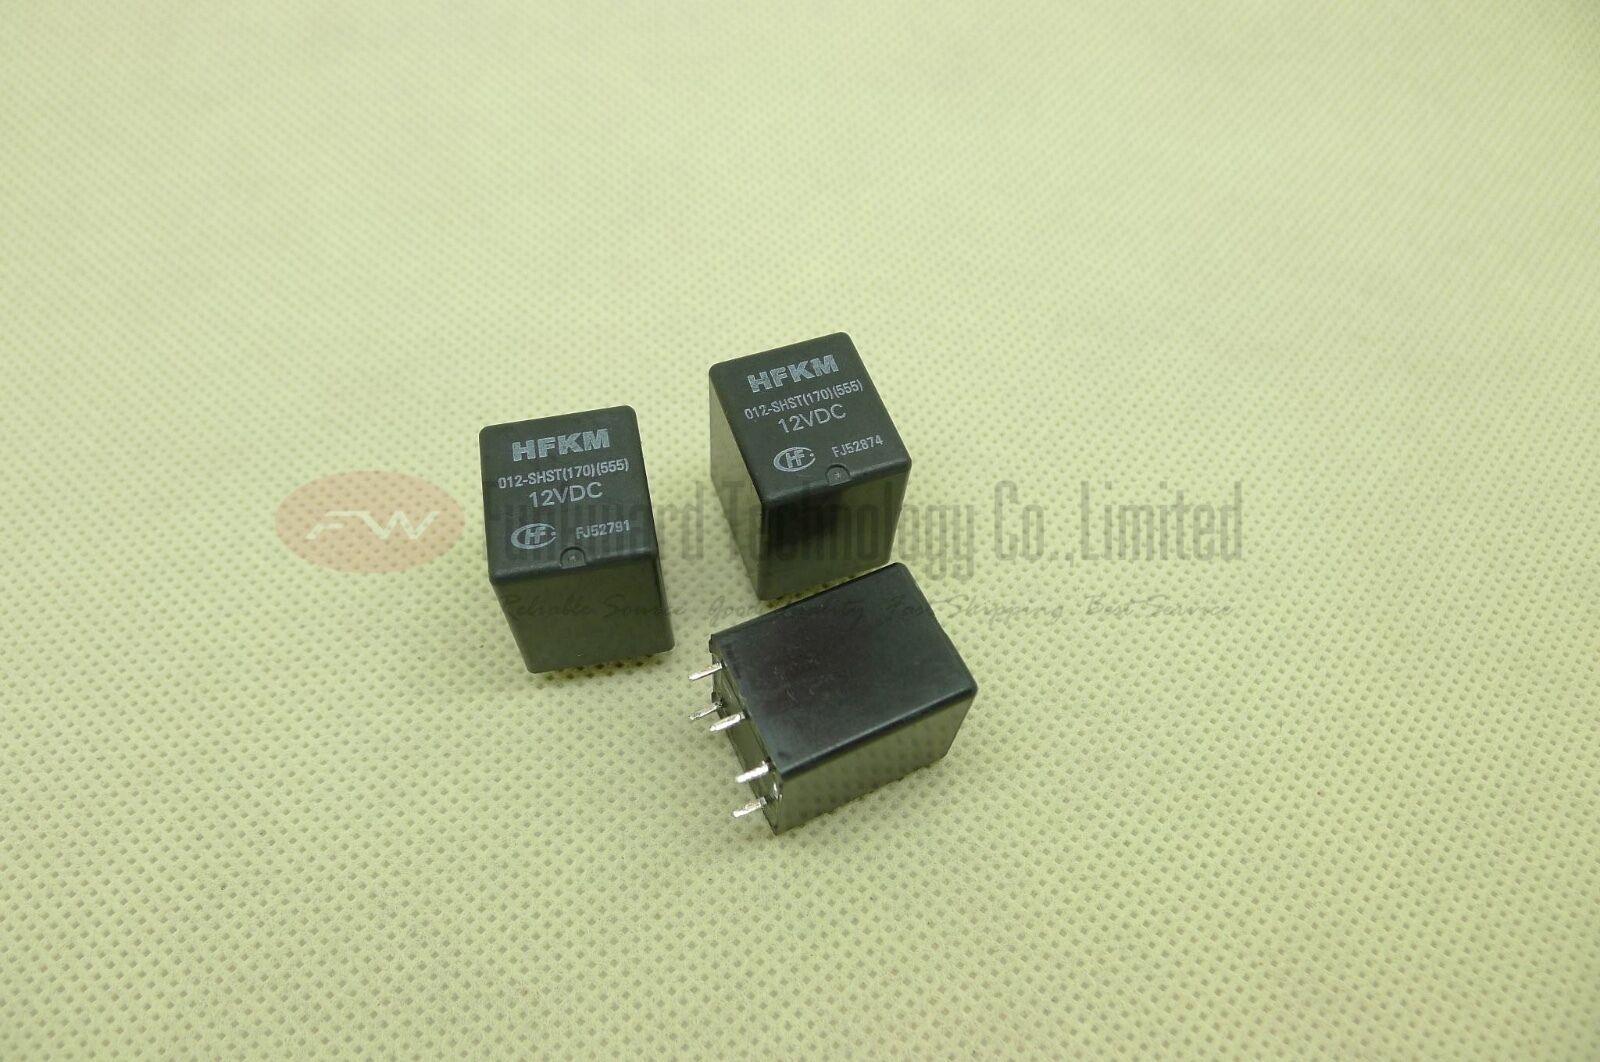 170 555 HFKM//012-SHST HFKM-012-SHST 12VDC Automotive Relay 5 Pins x 2PCS NEW